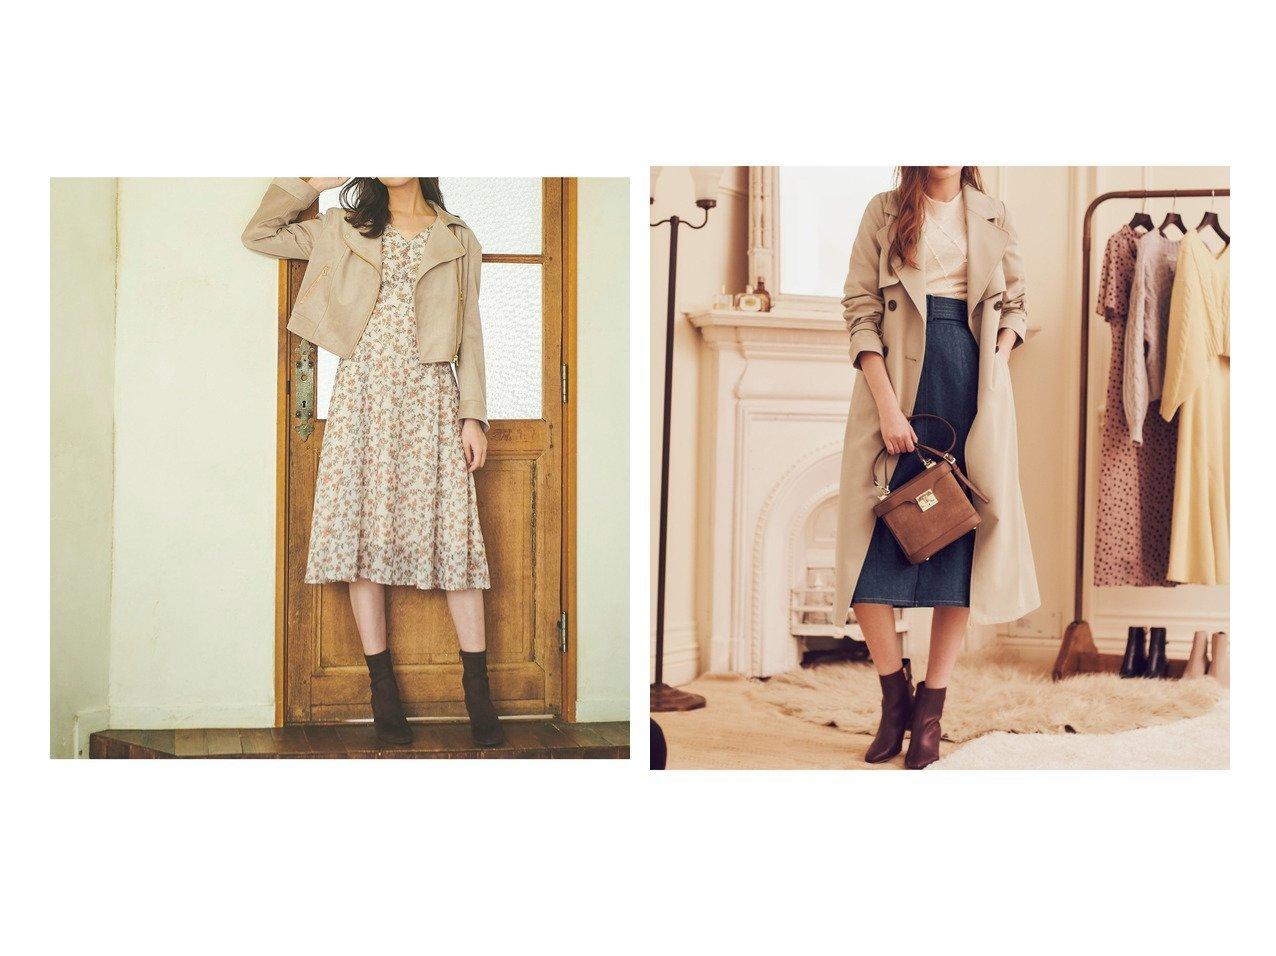 【Noela/ノエラ】のトレンチコート&【31 Sons de mode/トランテアン ソン ドゥ モード】のフェイクスエードライダースジャケット アウターのおすすめ!人気、レディースファッションの通販 おすすめで人気のファッション通販商品 インテリア・家具・キッズファッション・メンズファッション・レディースファッション・服の通販 founy(ファニー) https://founy.com/ ファッション Fashion レディース WOMEN アウター Coat Outerwear ジャケット Jackets ライダース Riders Jacket コート Coats トレンチコート Trench Coats 冬 Winter フェイクスエード メタル ライダースジャケット パイピング  ID:crp329100000001676